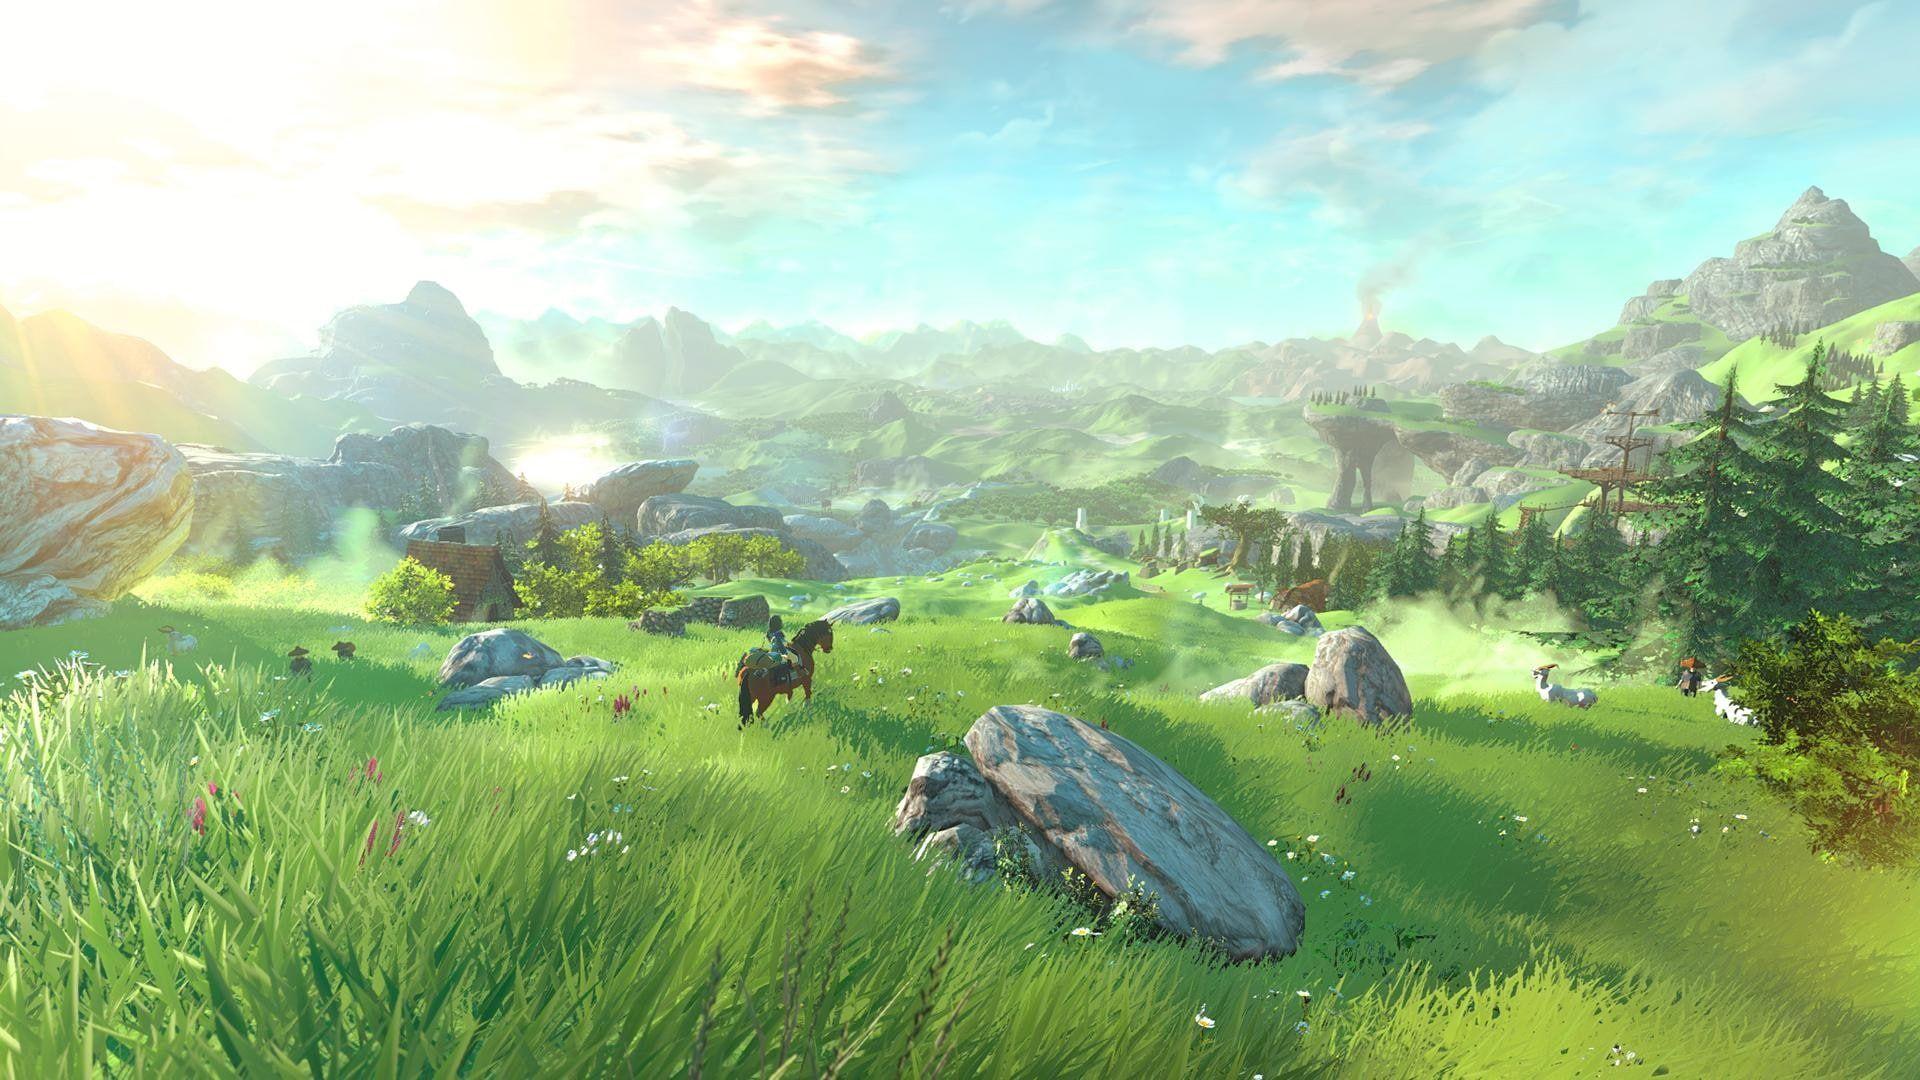 The Legend Of Zelda Video Games The Legend Of Zelda Breath Of The Wild Link 1080p Wallpaper Hdwa In 2021 Breath Of The Wild Legend Of Zelda Legend Of Zelda Breath Legend of zelda botw wallpaper hd